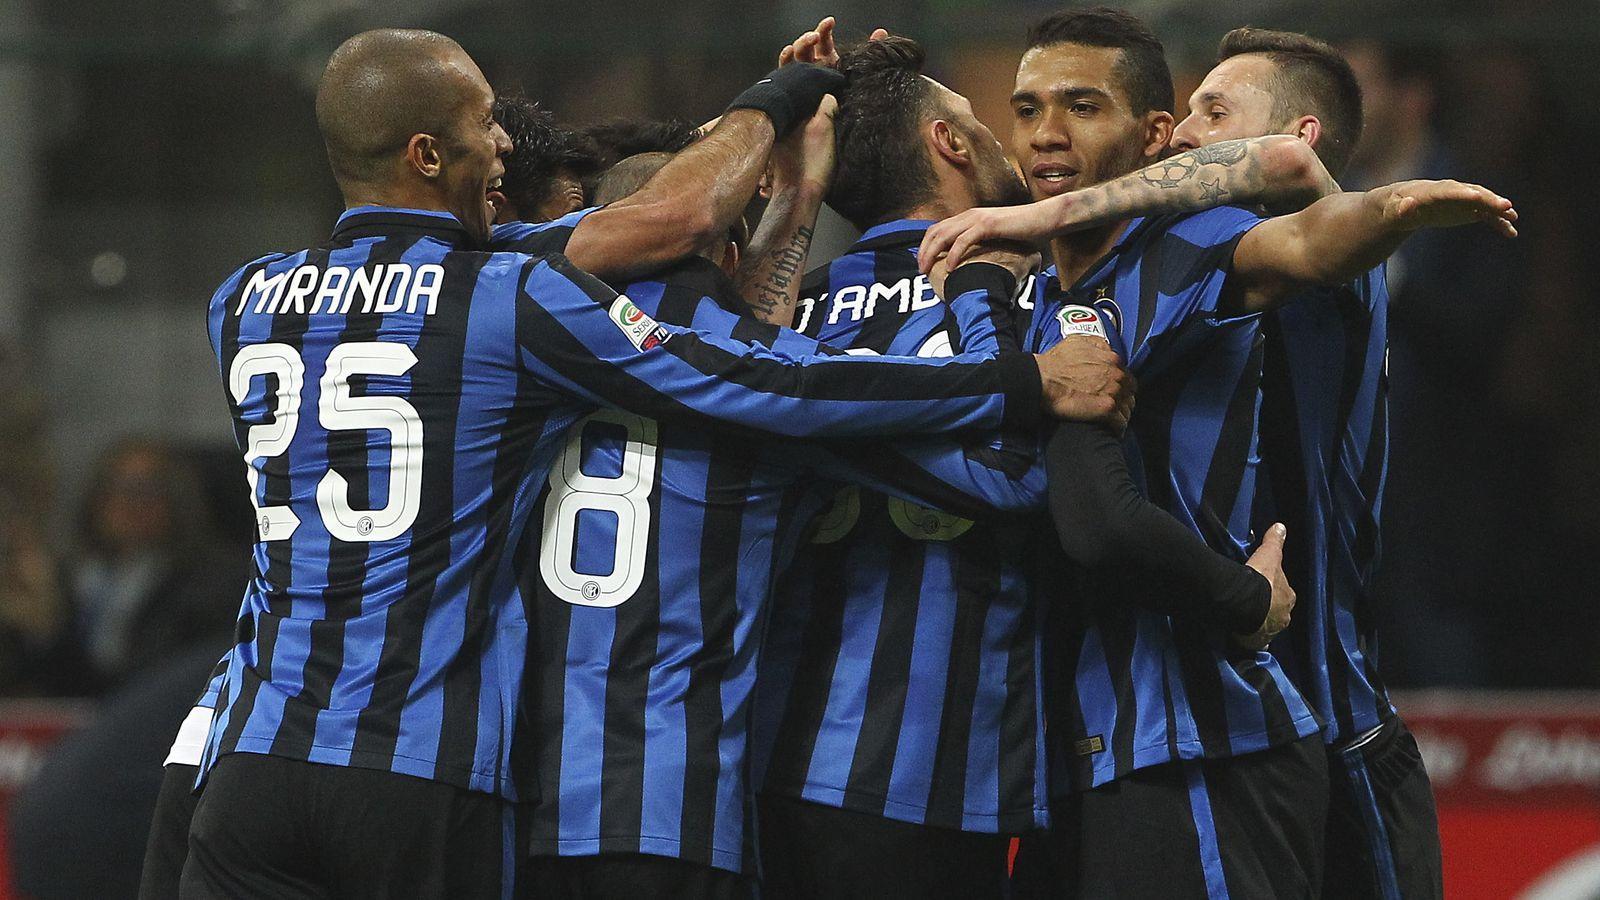 Интер прервал серию из восьми матчей без побед в чемпионате Италии - ВИДЕО